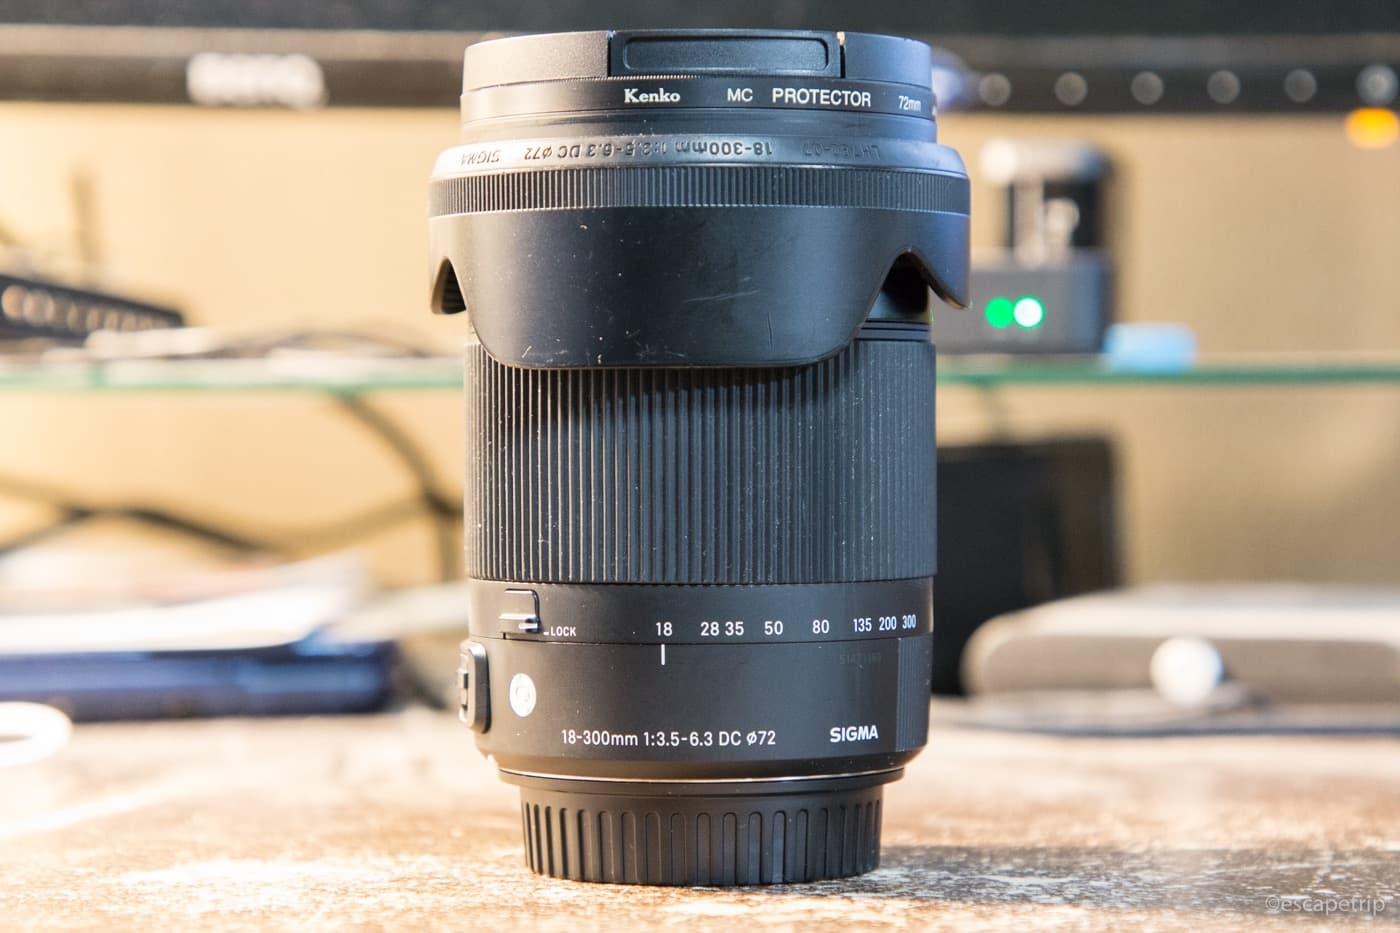 シグマ18-300mm高倍率ズームレンズの外観